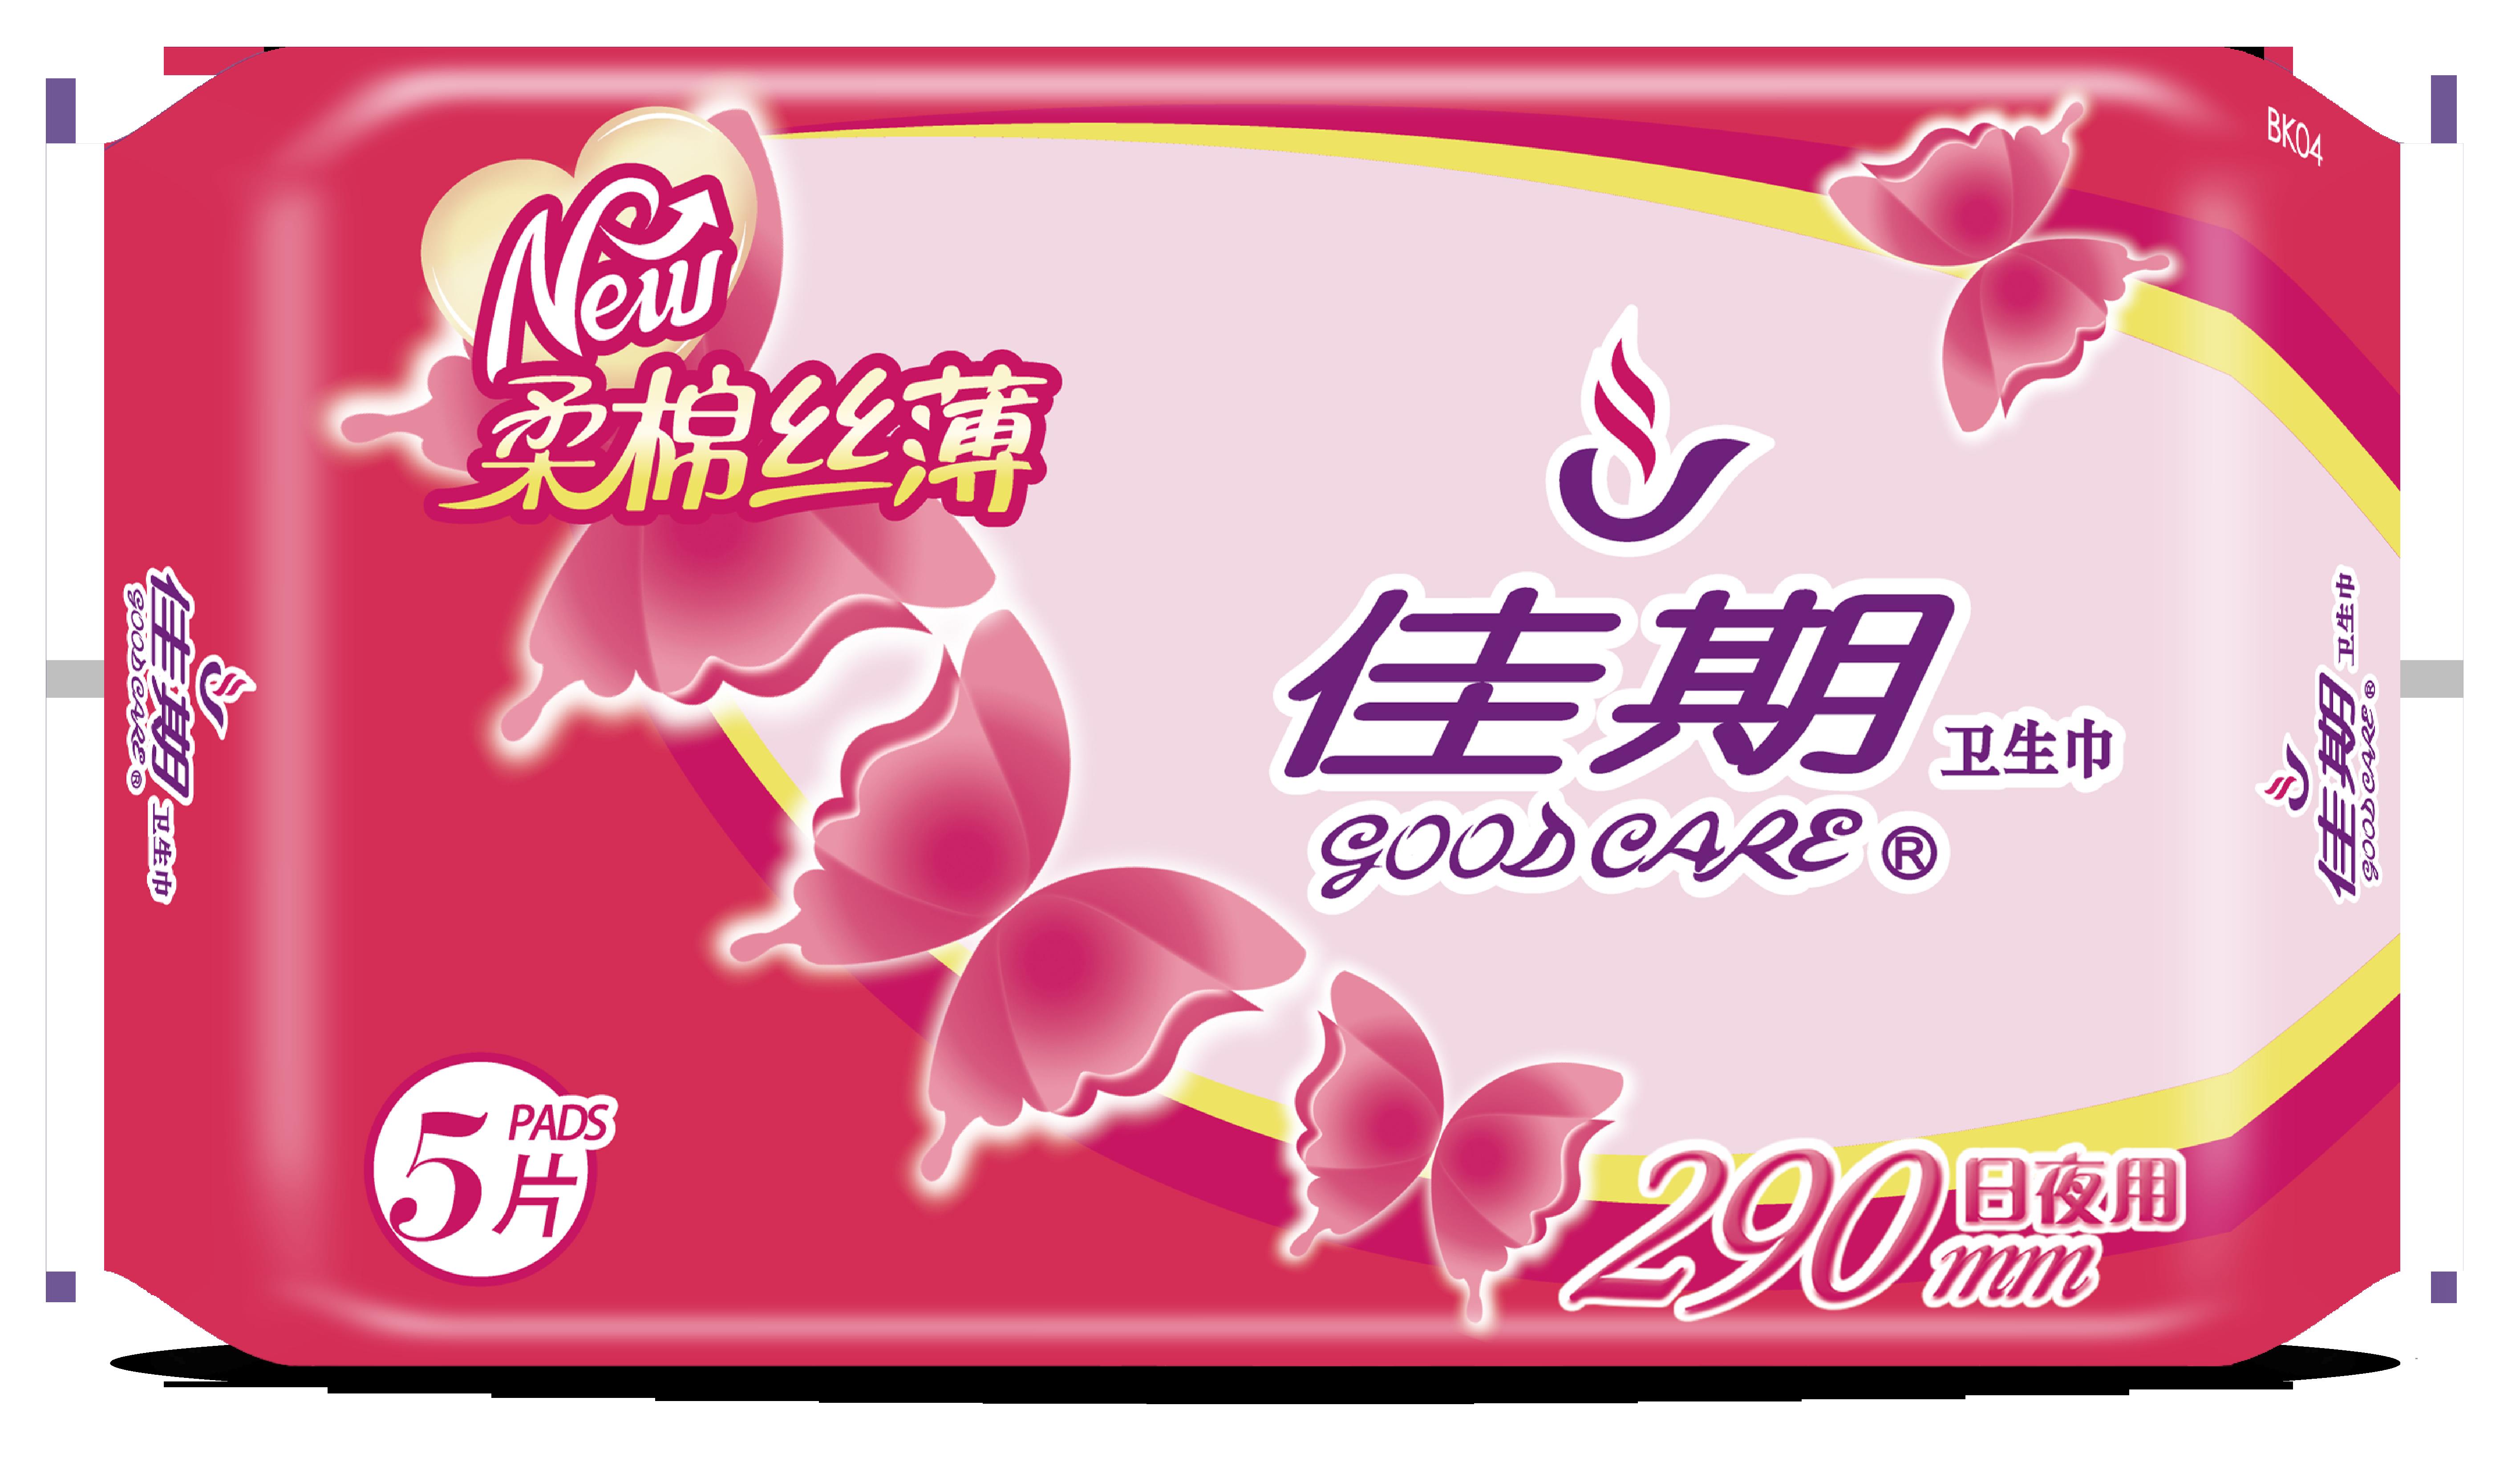 佳期丝薄柔棉日夜用290mm卫生巾5片